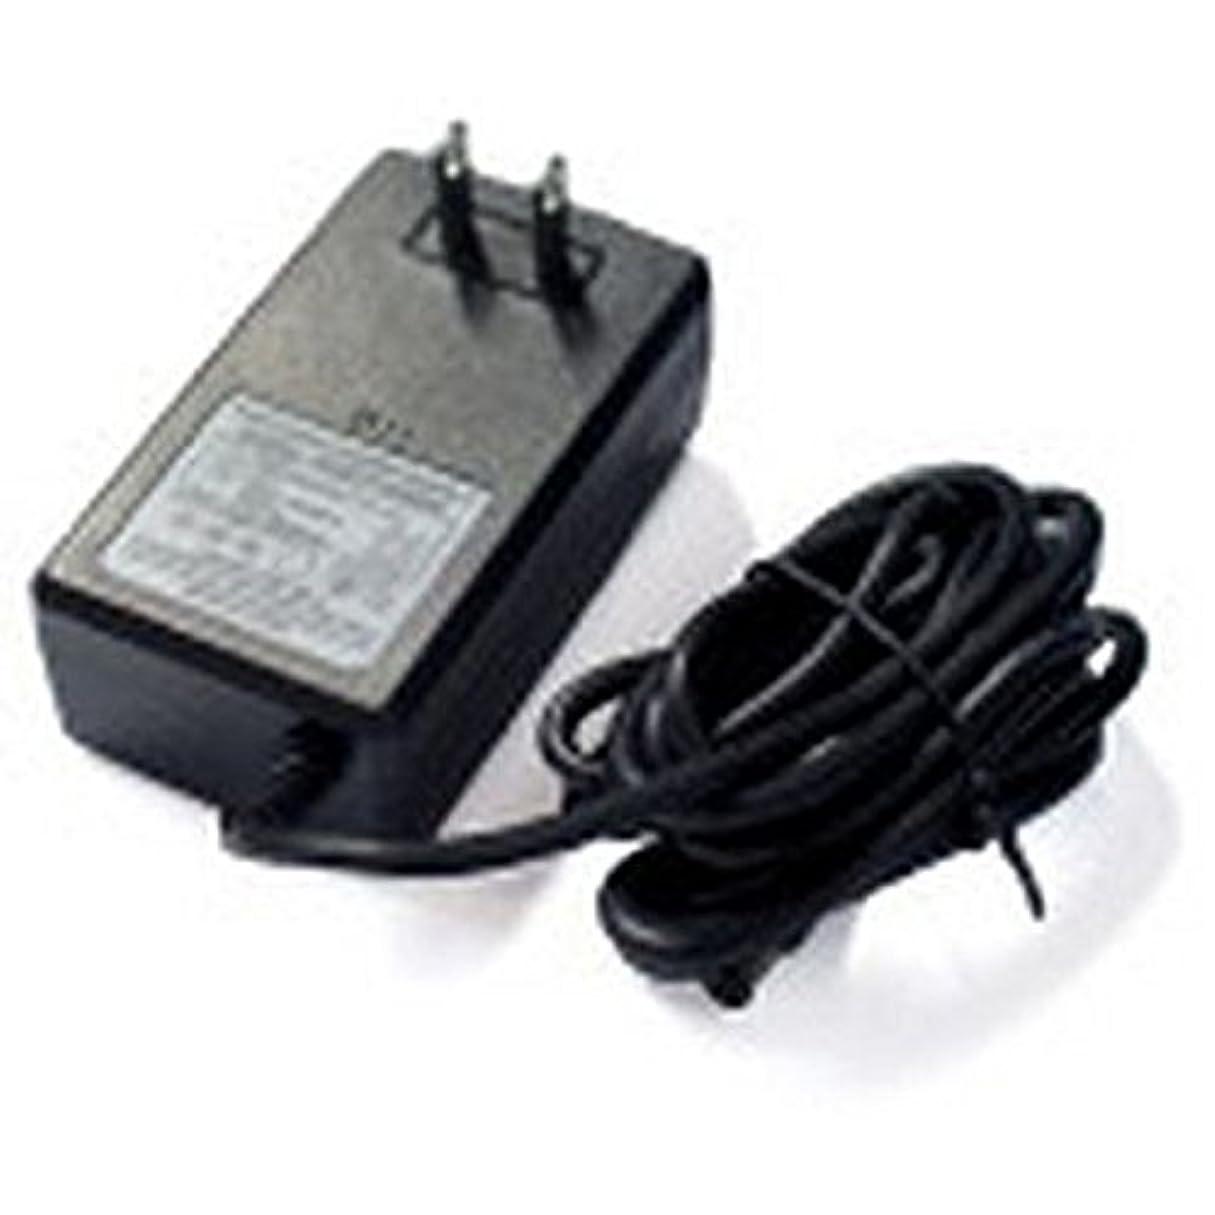 過言道徳教育広々アテックス ルルド マッサージクッションAX-HL138用専用アダプター